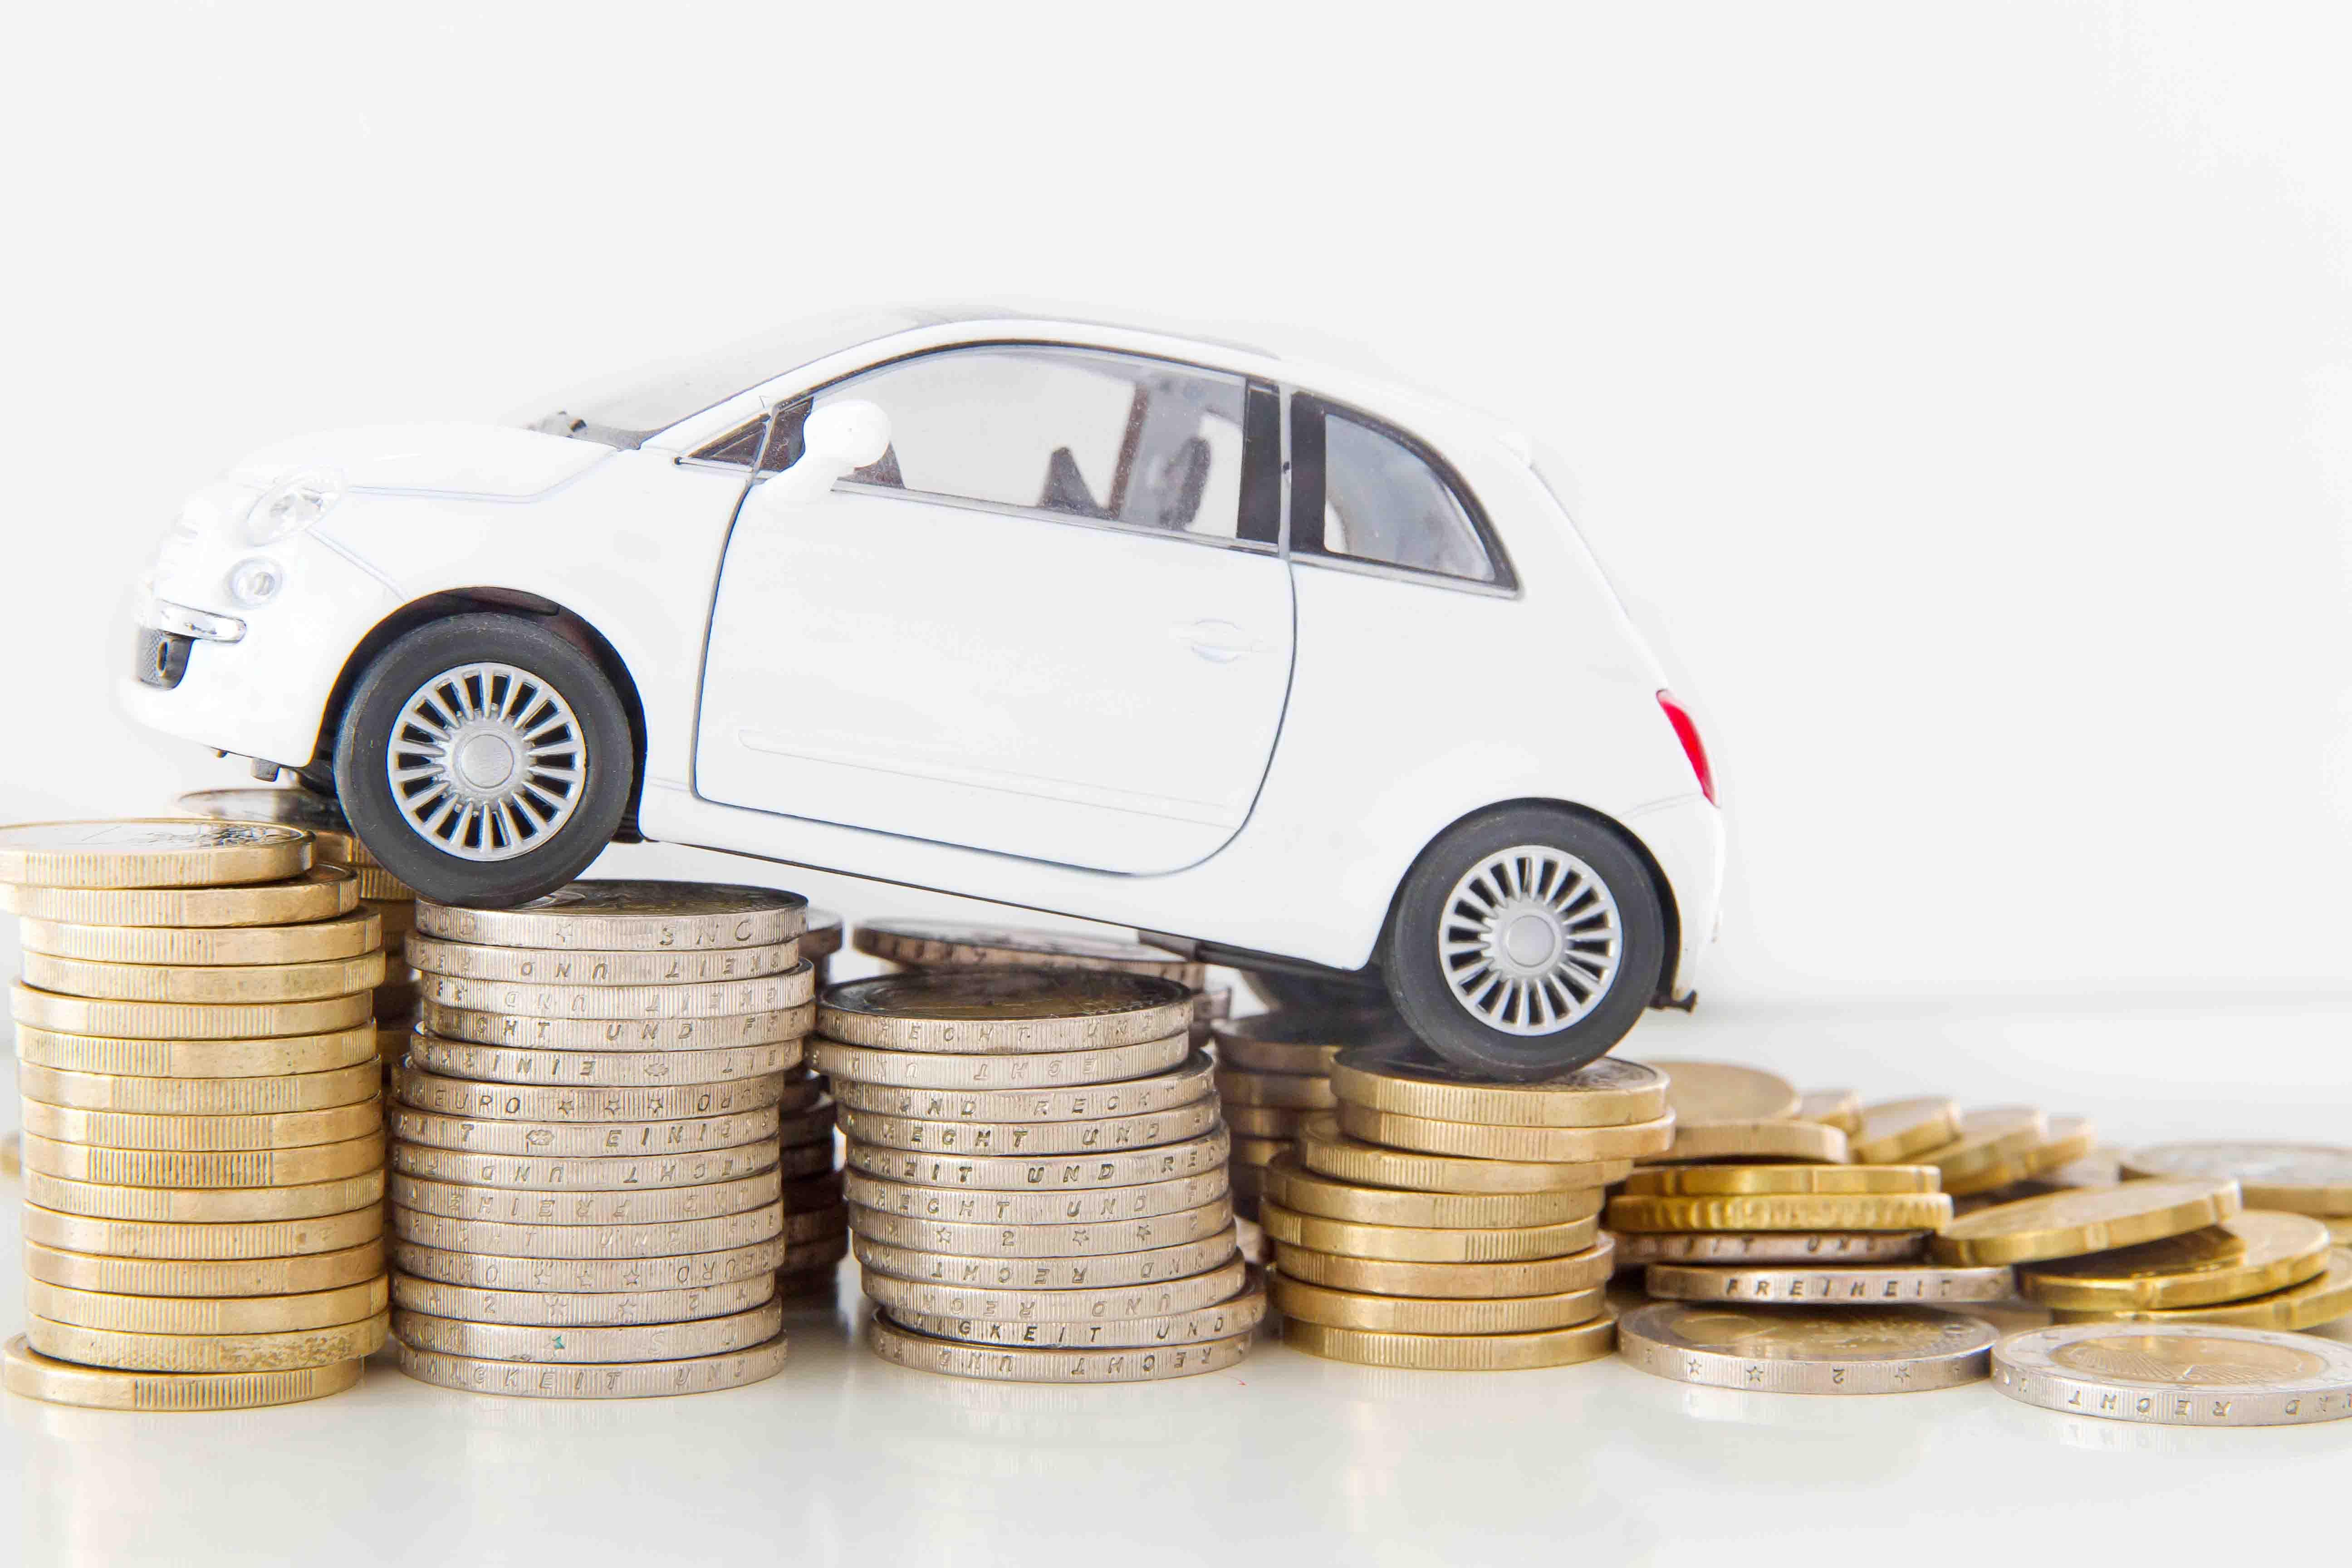 Karena Aturan Baru, Tarif Premi Asuransi Kendaraan Anda Naik, Benarkah?